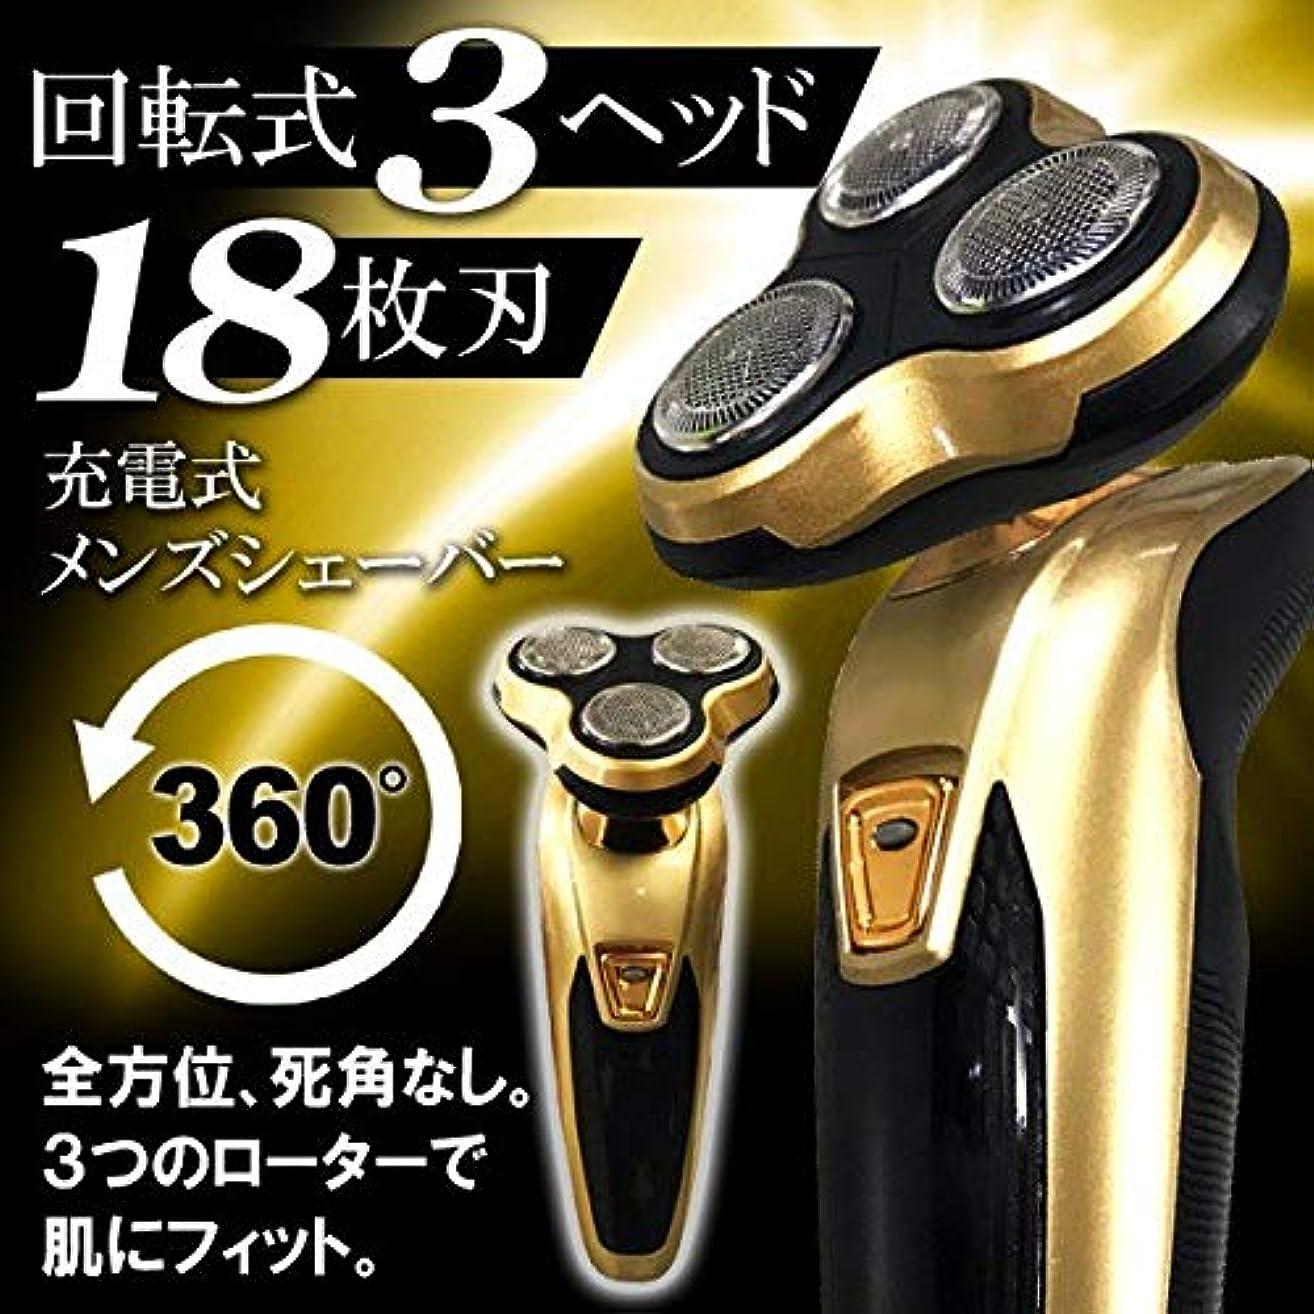 エピソード悪性のメカニックYEP 電気シェーバー 3ヘッド搭載 充電式 メンズシェーバー 3in1 髭剃り 鼻毛カッター グルーミングヘッド